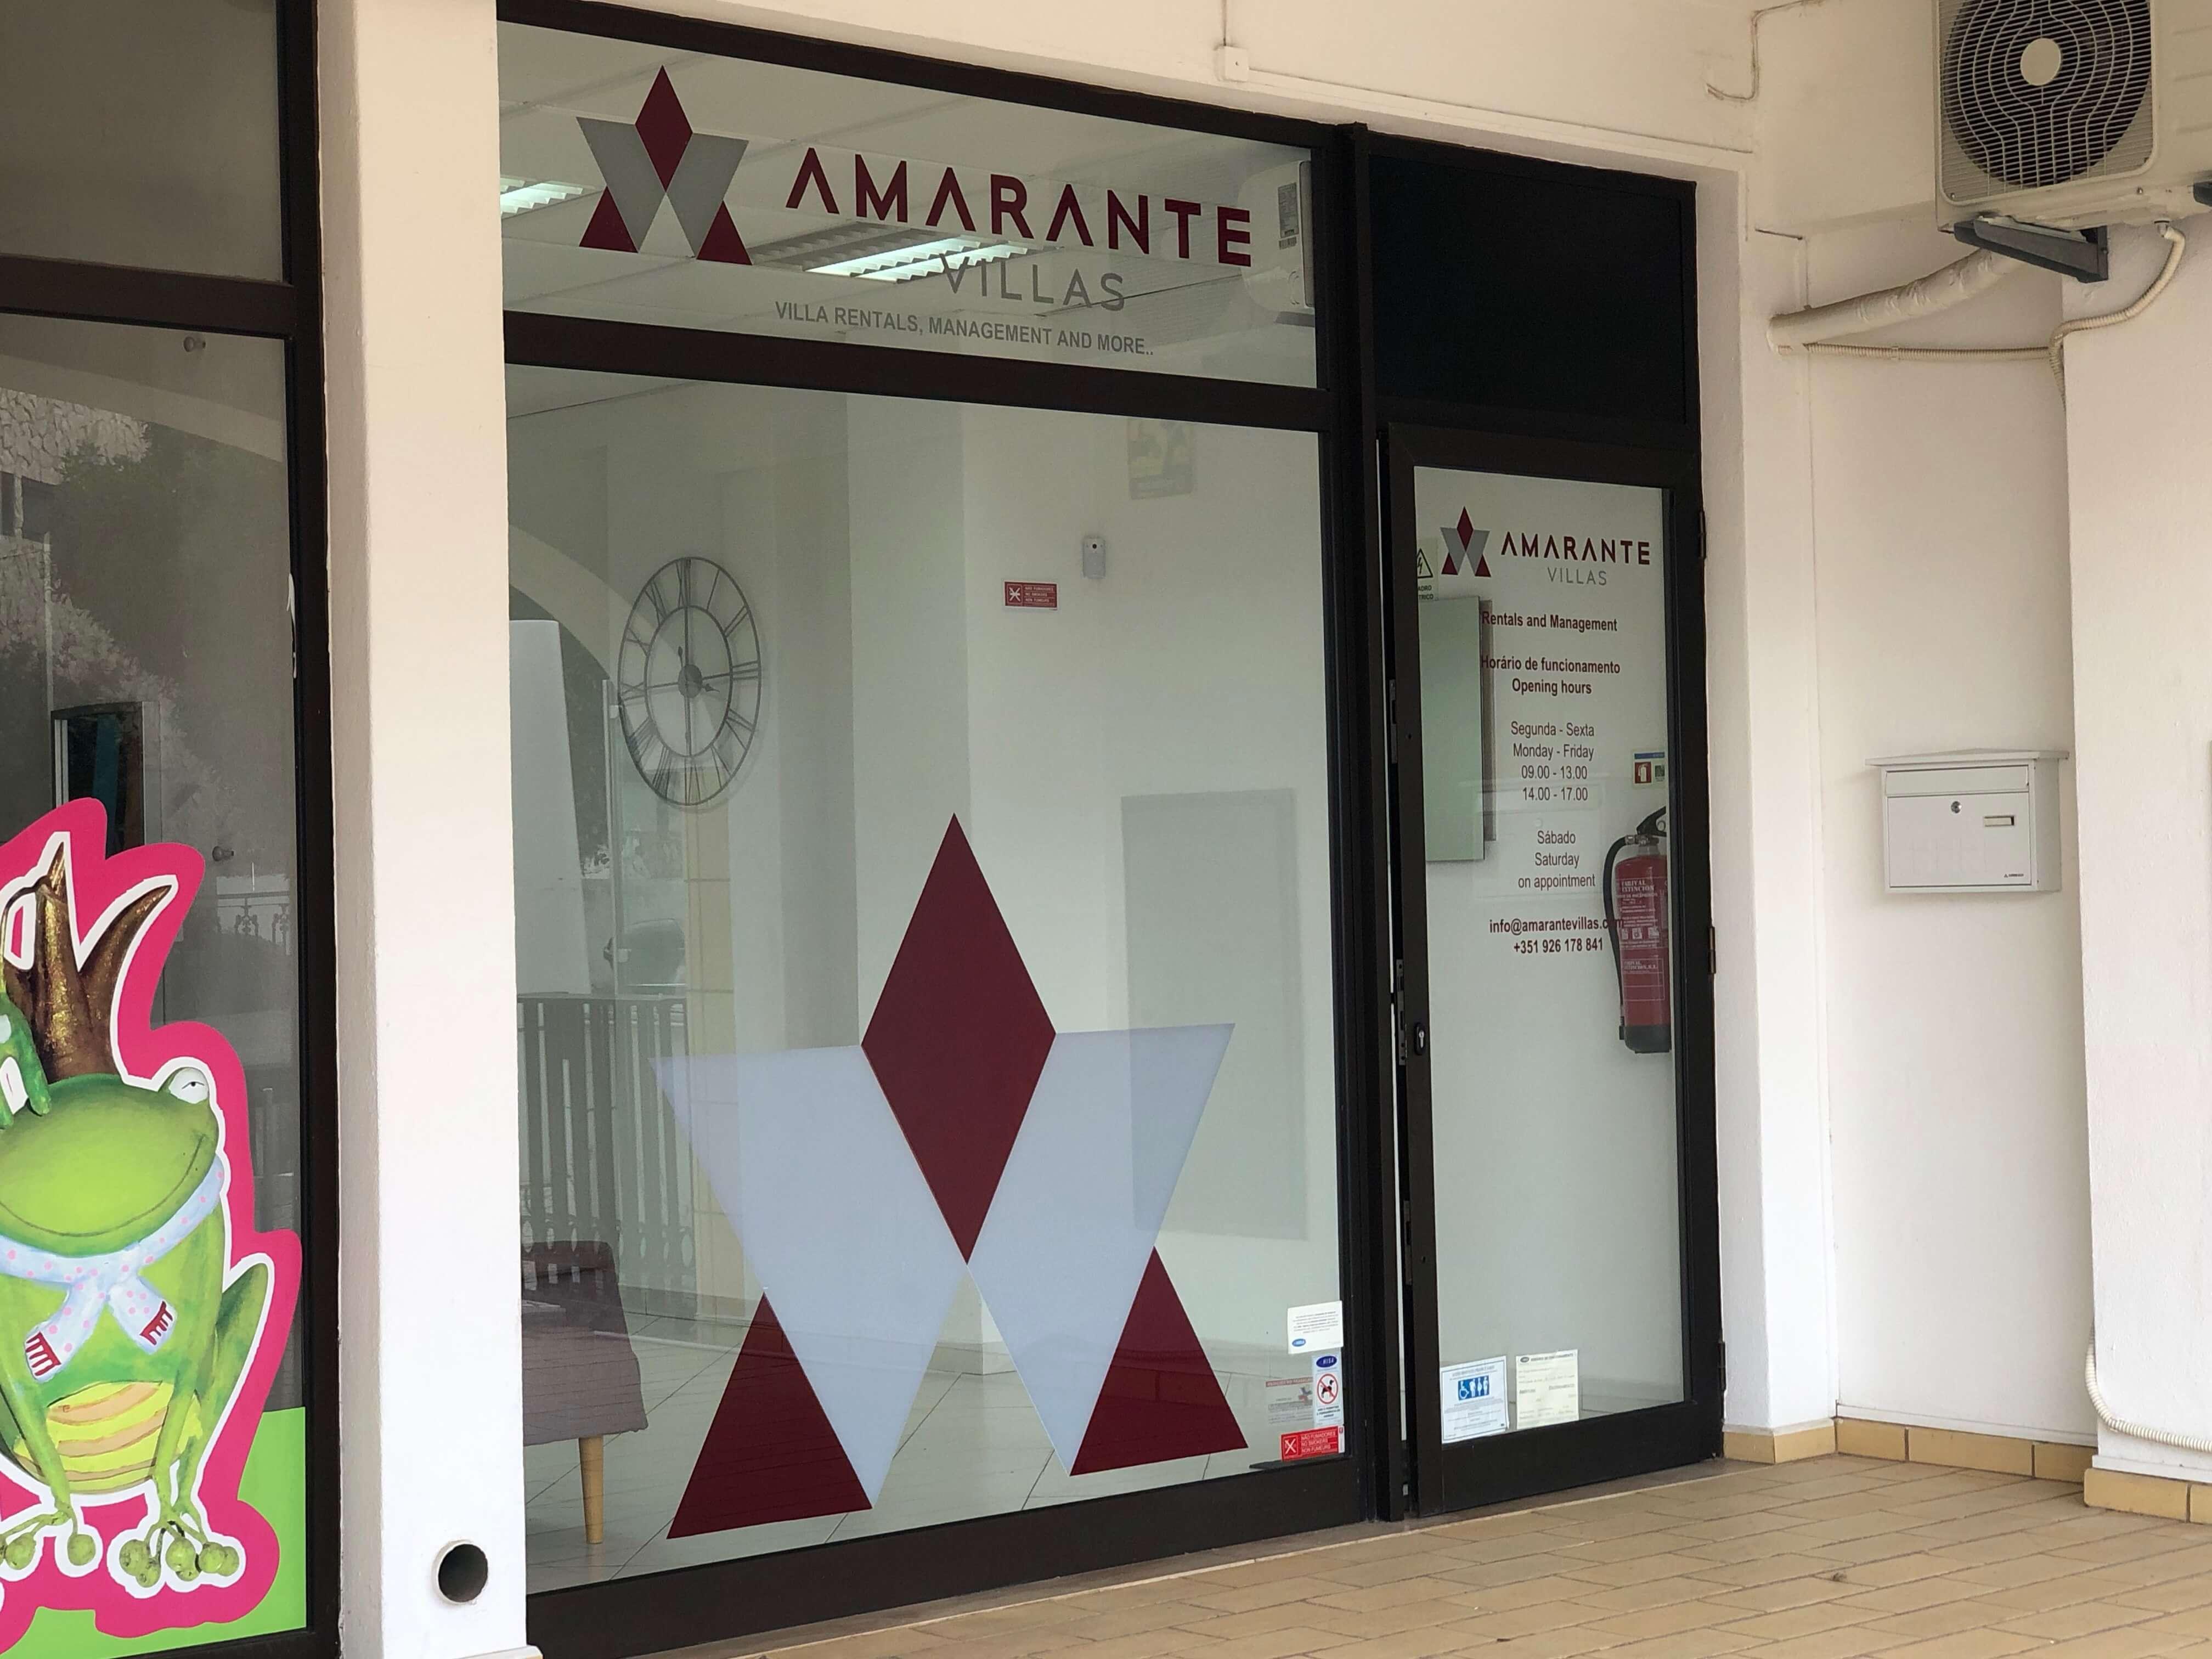 AMARANTEVILLAS - ALGARVE